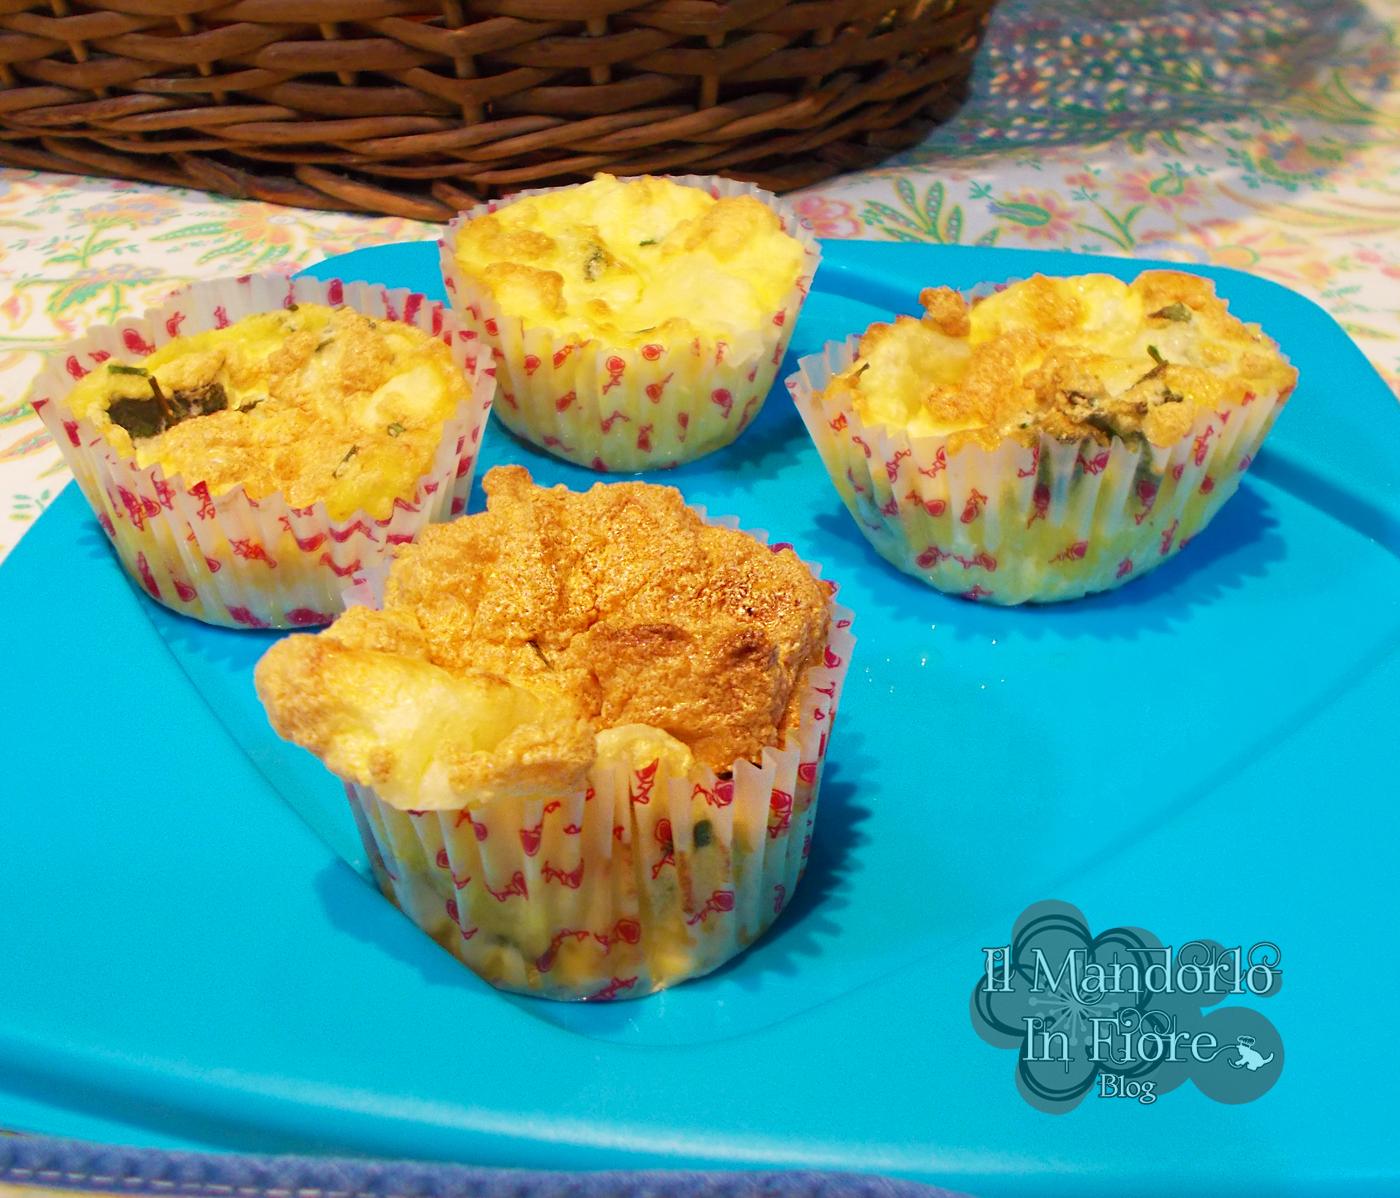 Cupcake di frittata al forno con erbette aromatiche